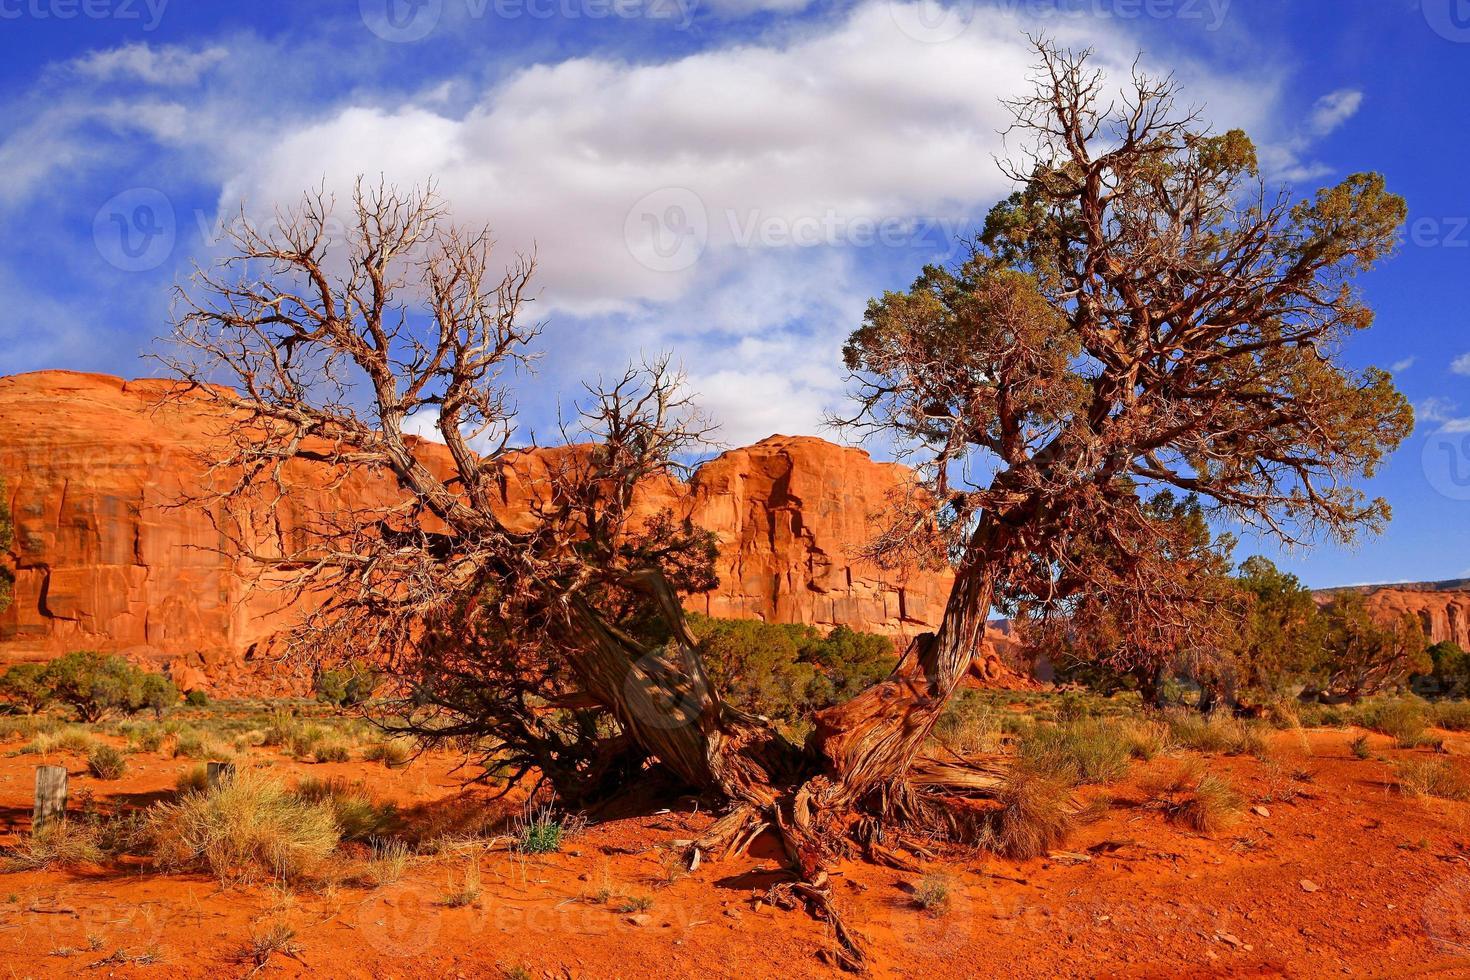 paesaggio desertico della Monument Valley foto